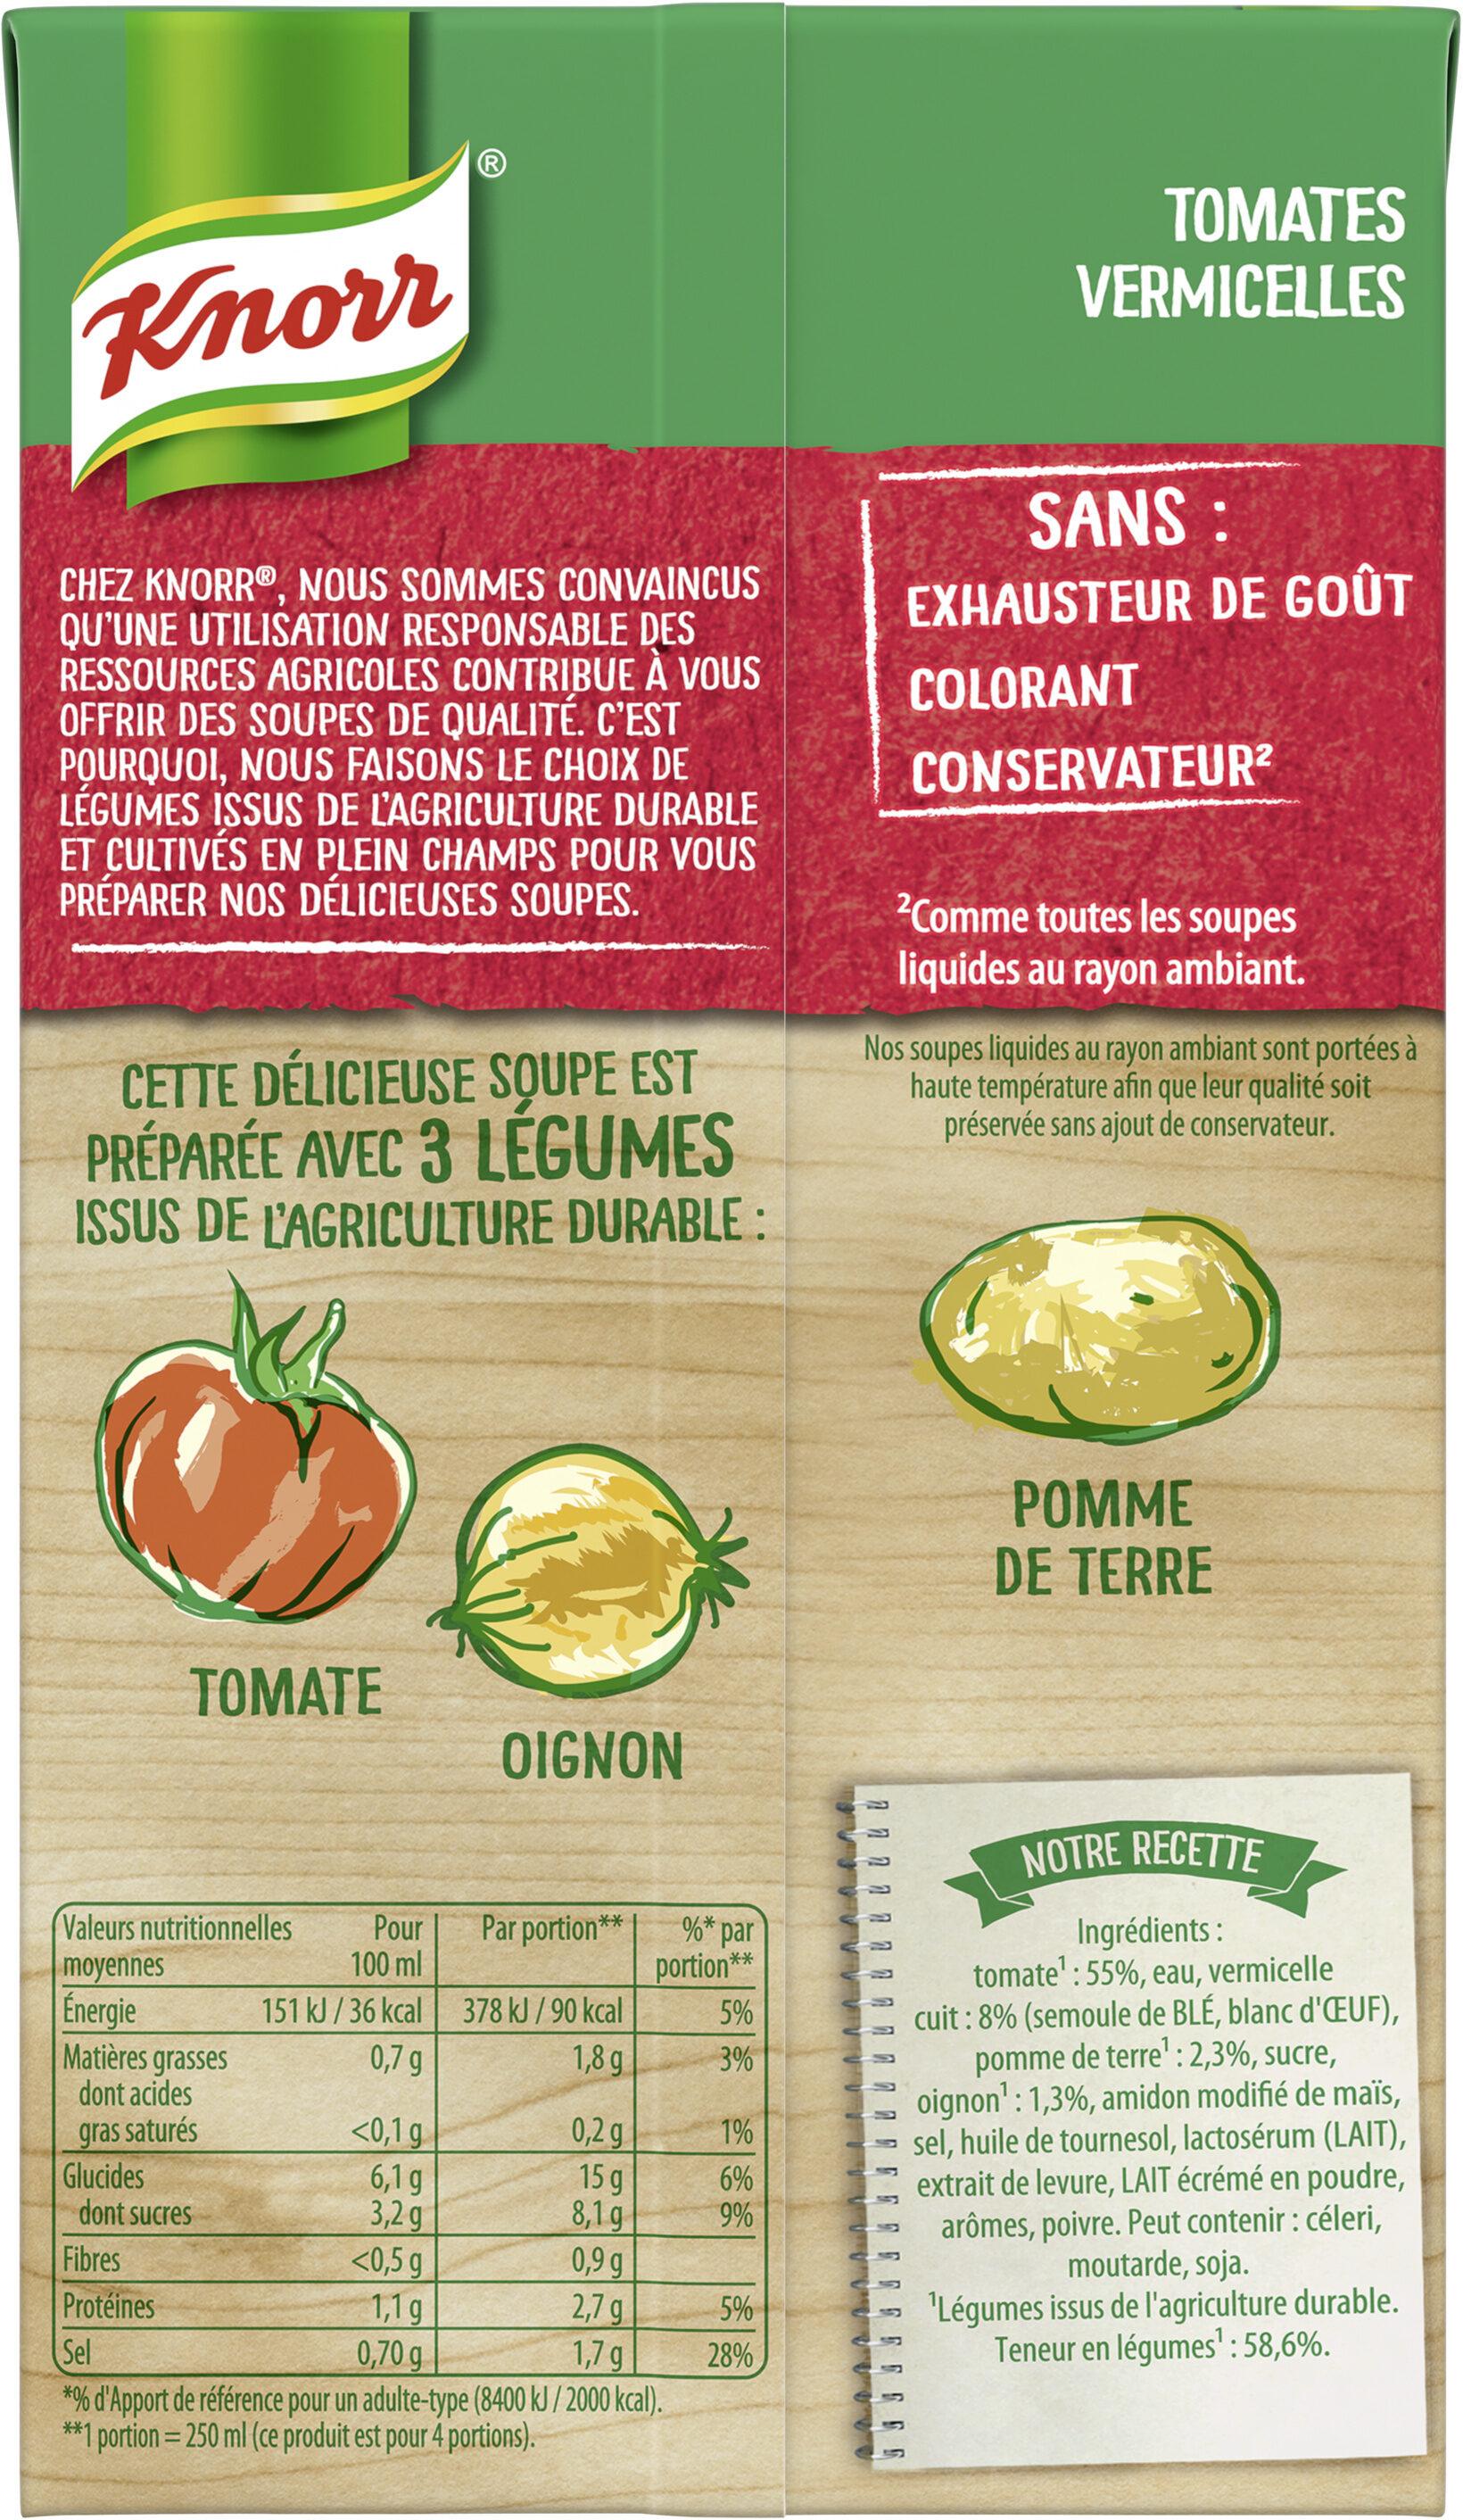 Knorr Soupe Tomates Méditerranéennes Vermicelles 1l - Ingredients - fr